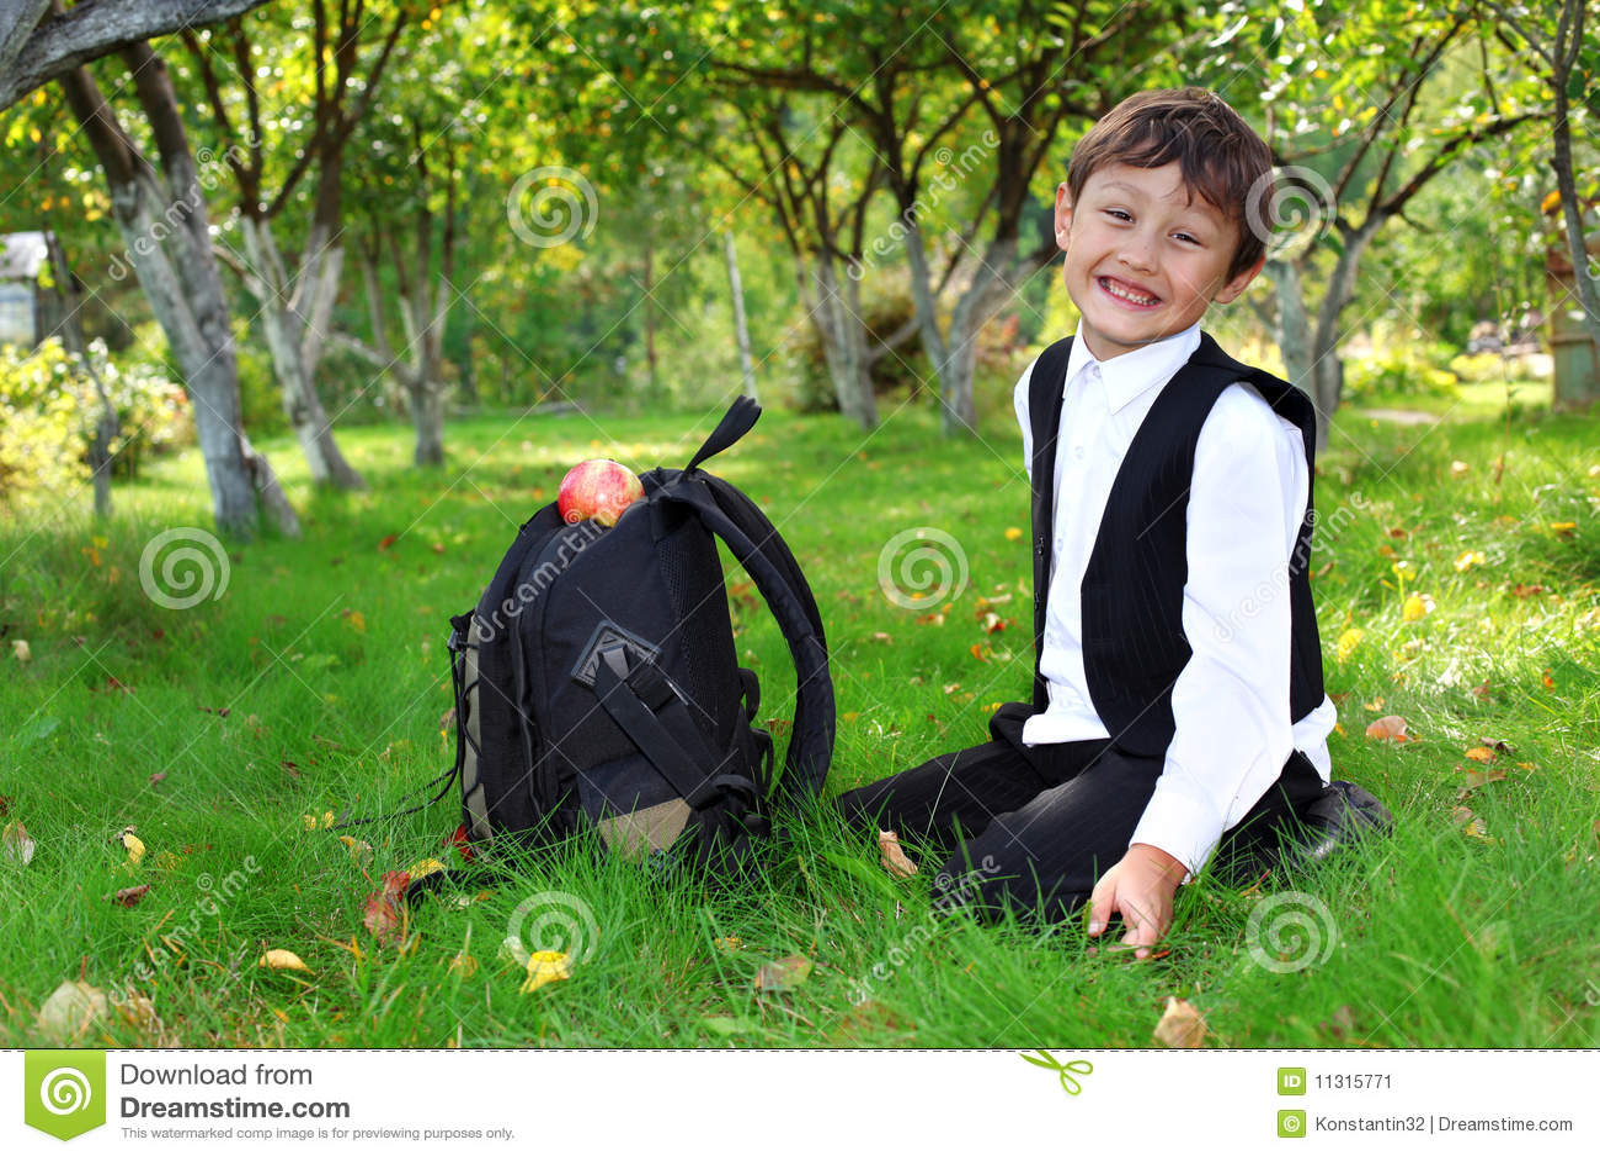 Schüler mit Rucksack und Apfel